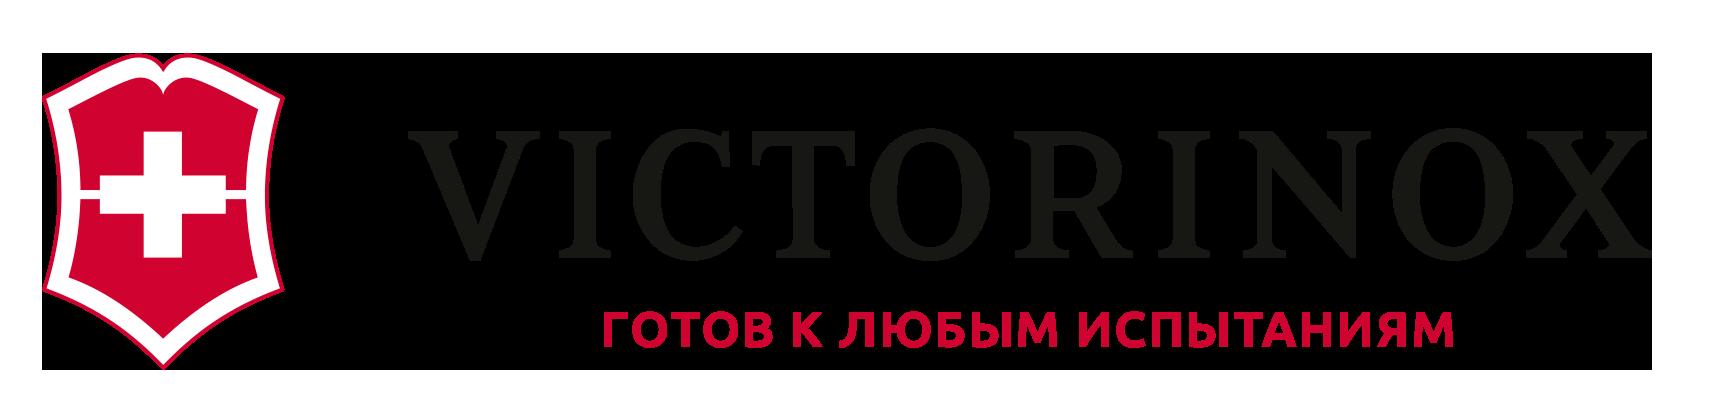 Интернет-магазин ножей и аксессуаров Victorinox